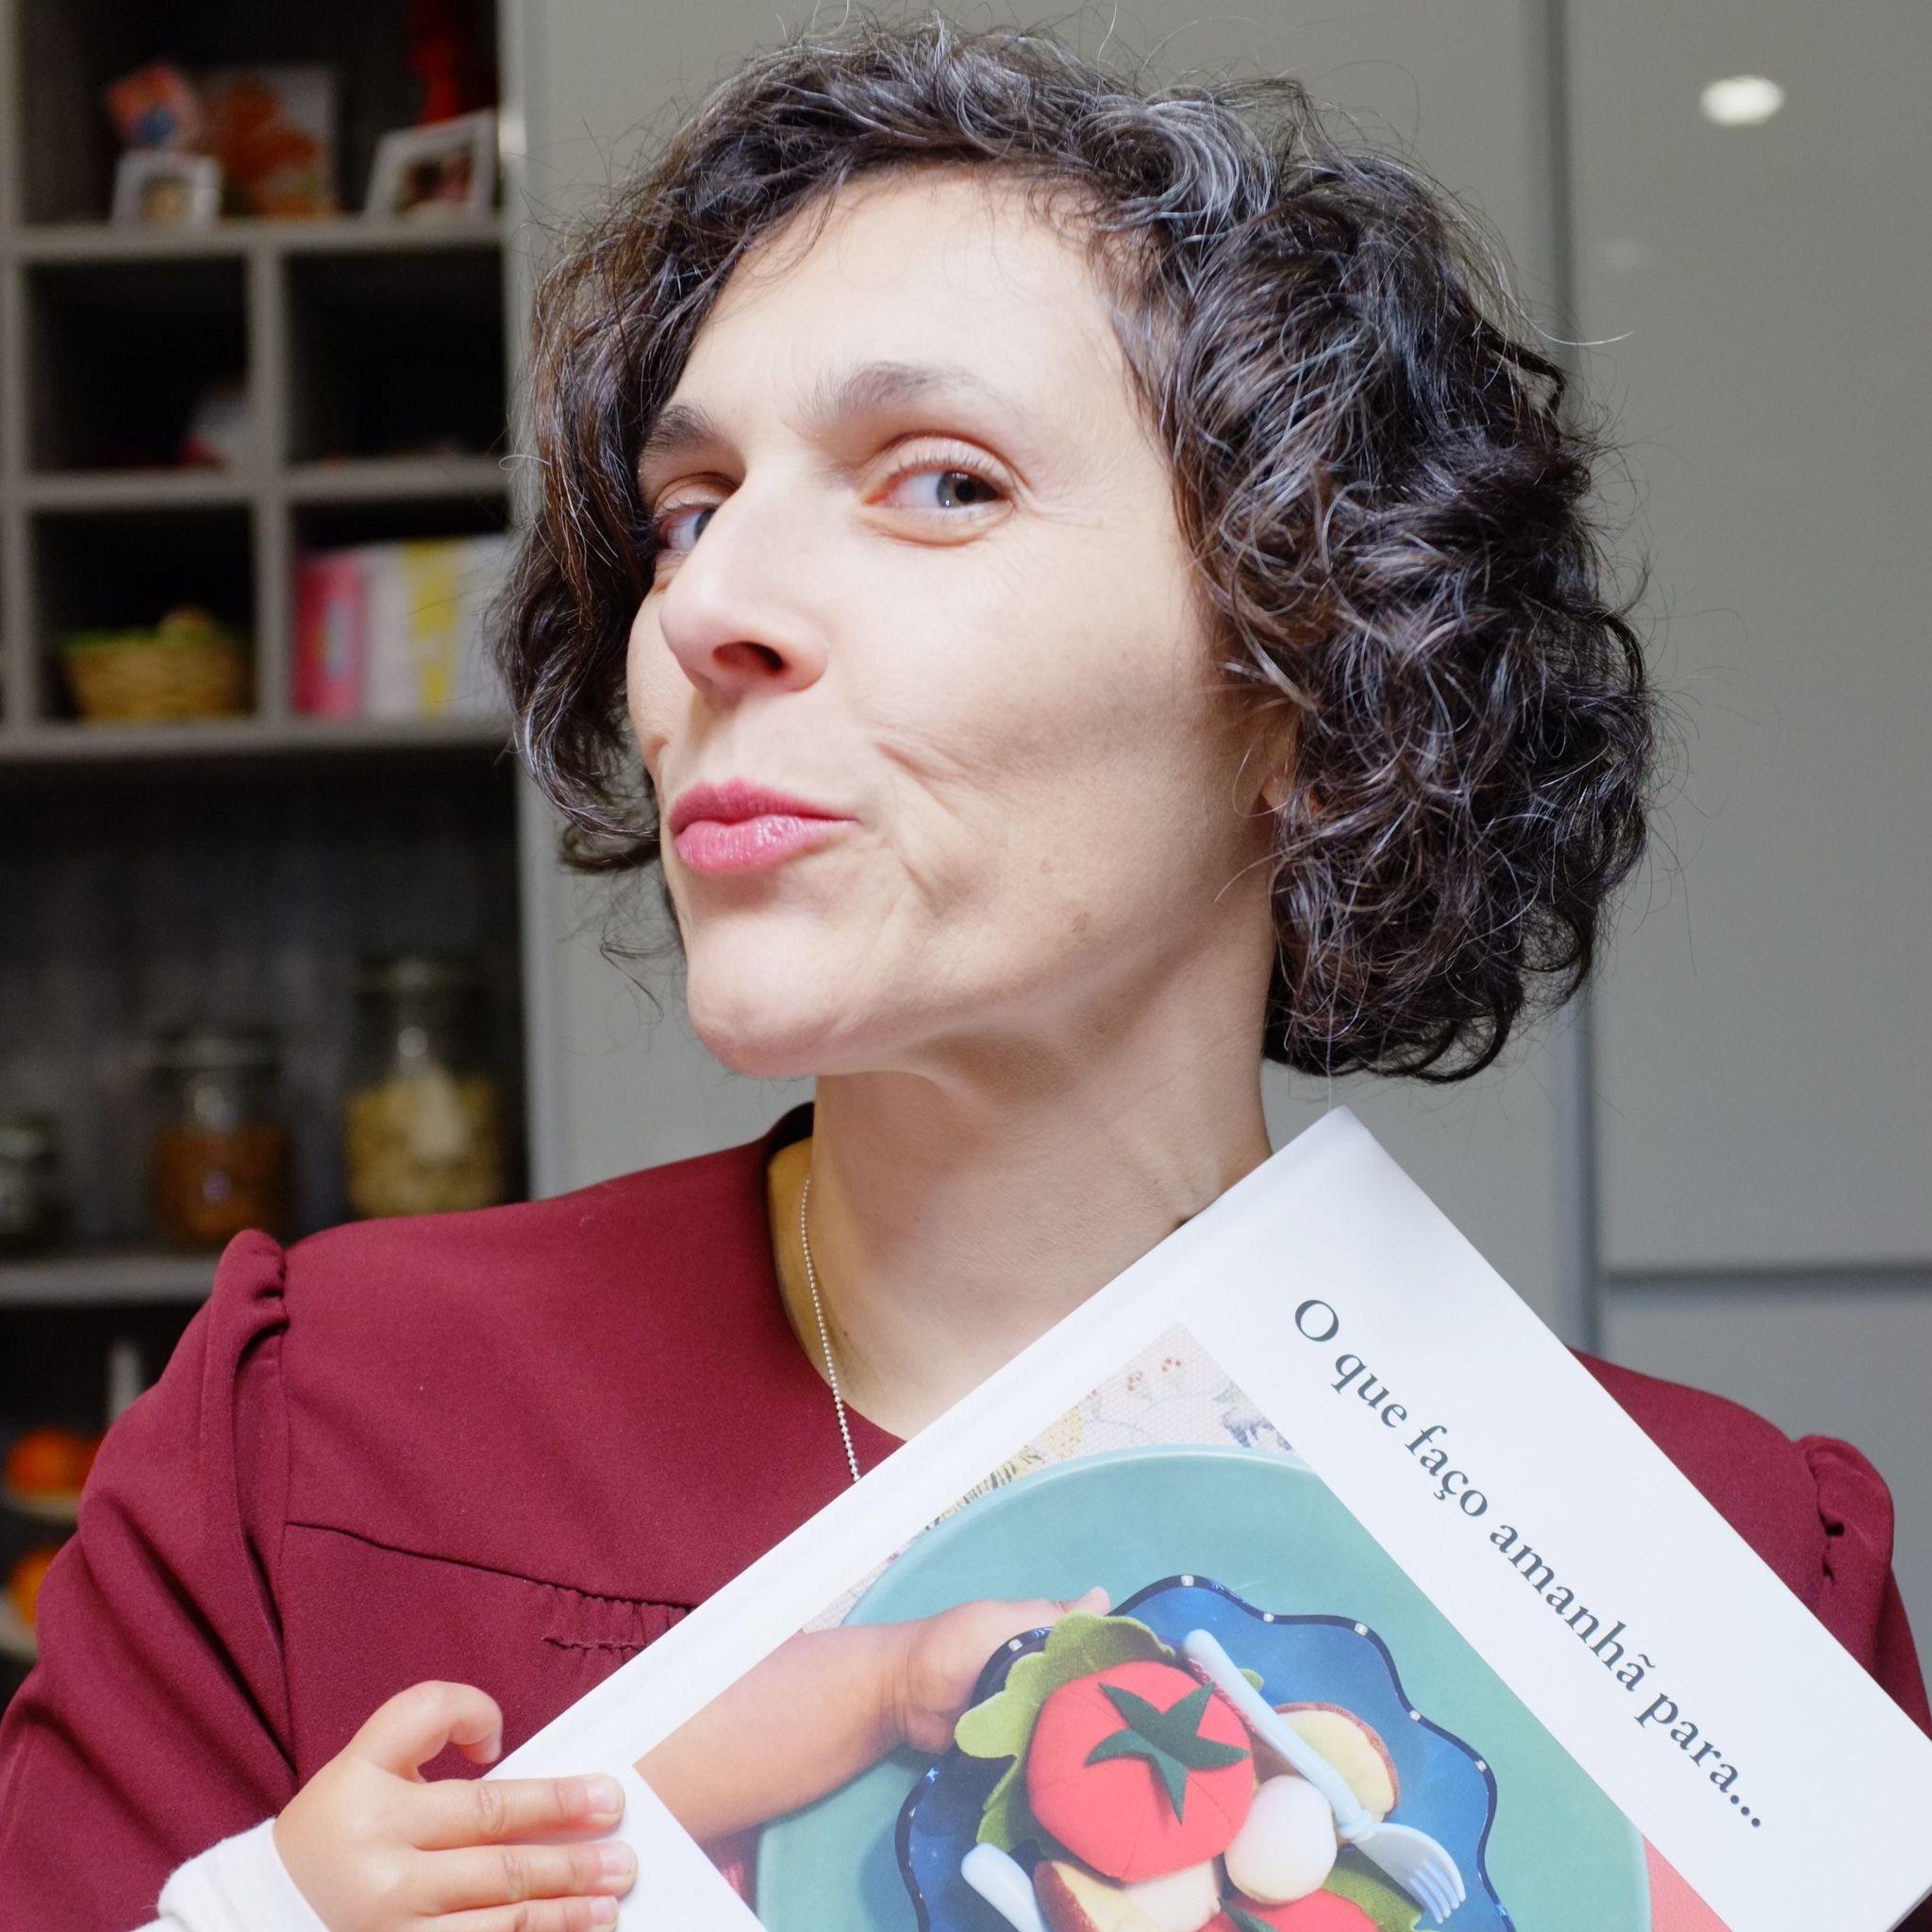 Andrea Jeronimo